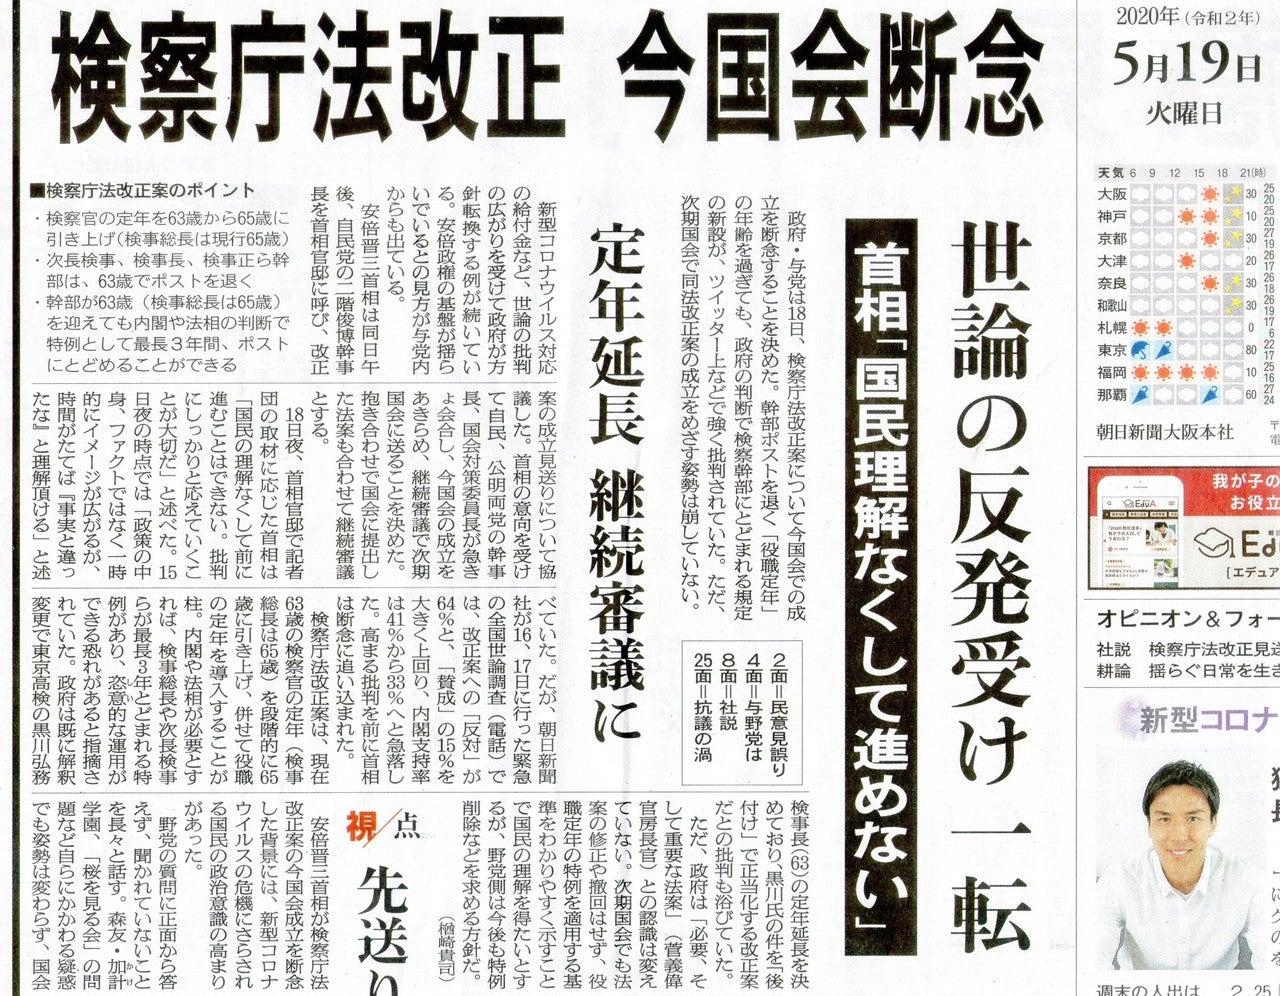 継続審議受け入れた立憲隠す|大阪のうめ吉|note